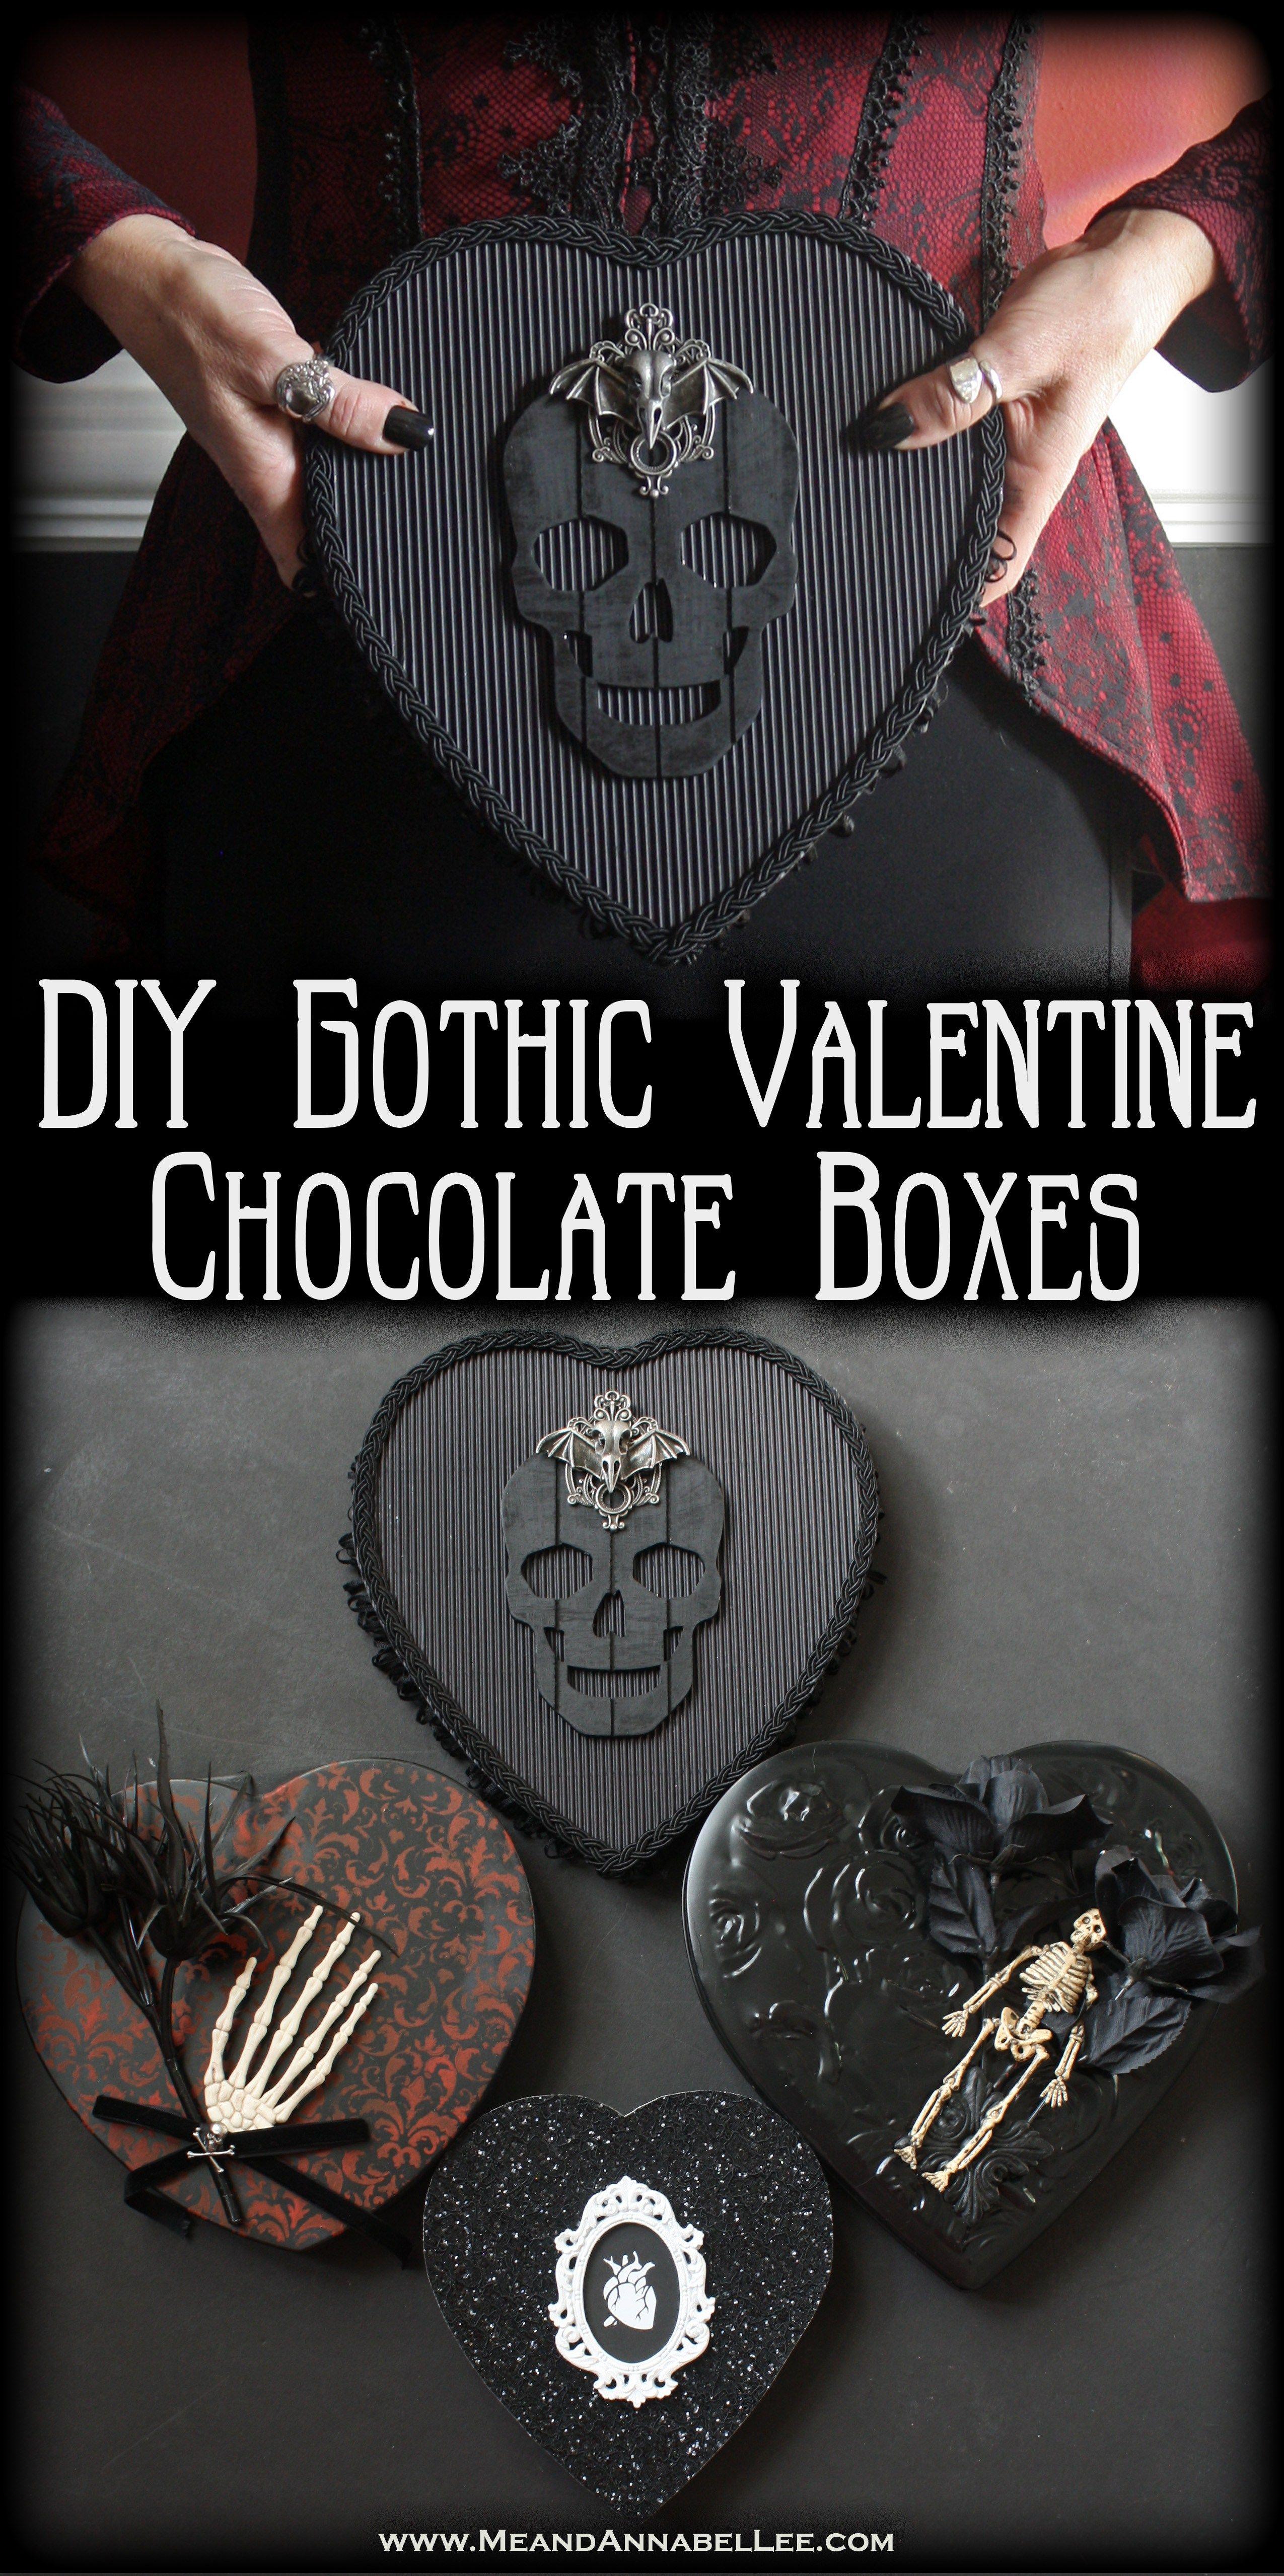 DIY Gothic Valentine Box Variations